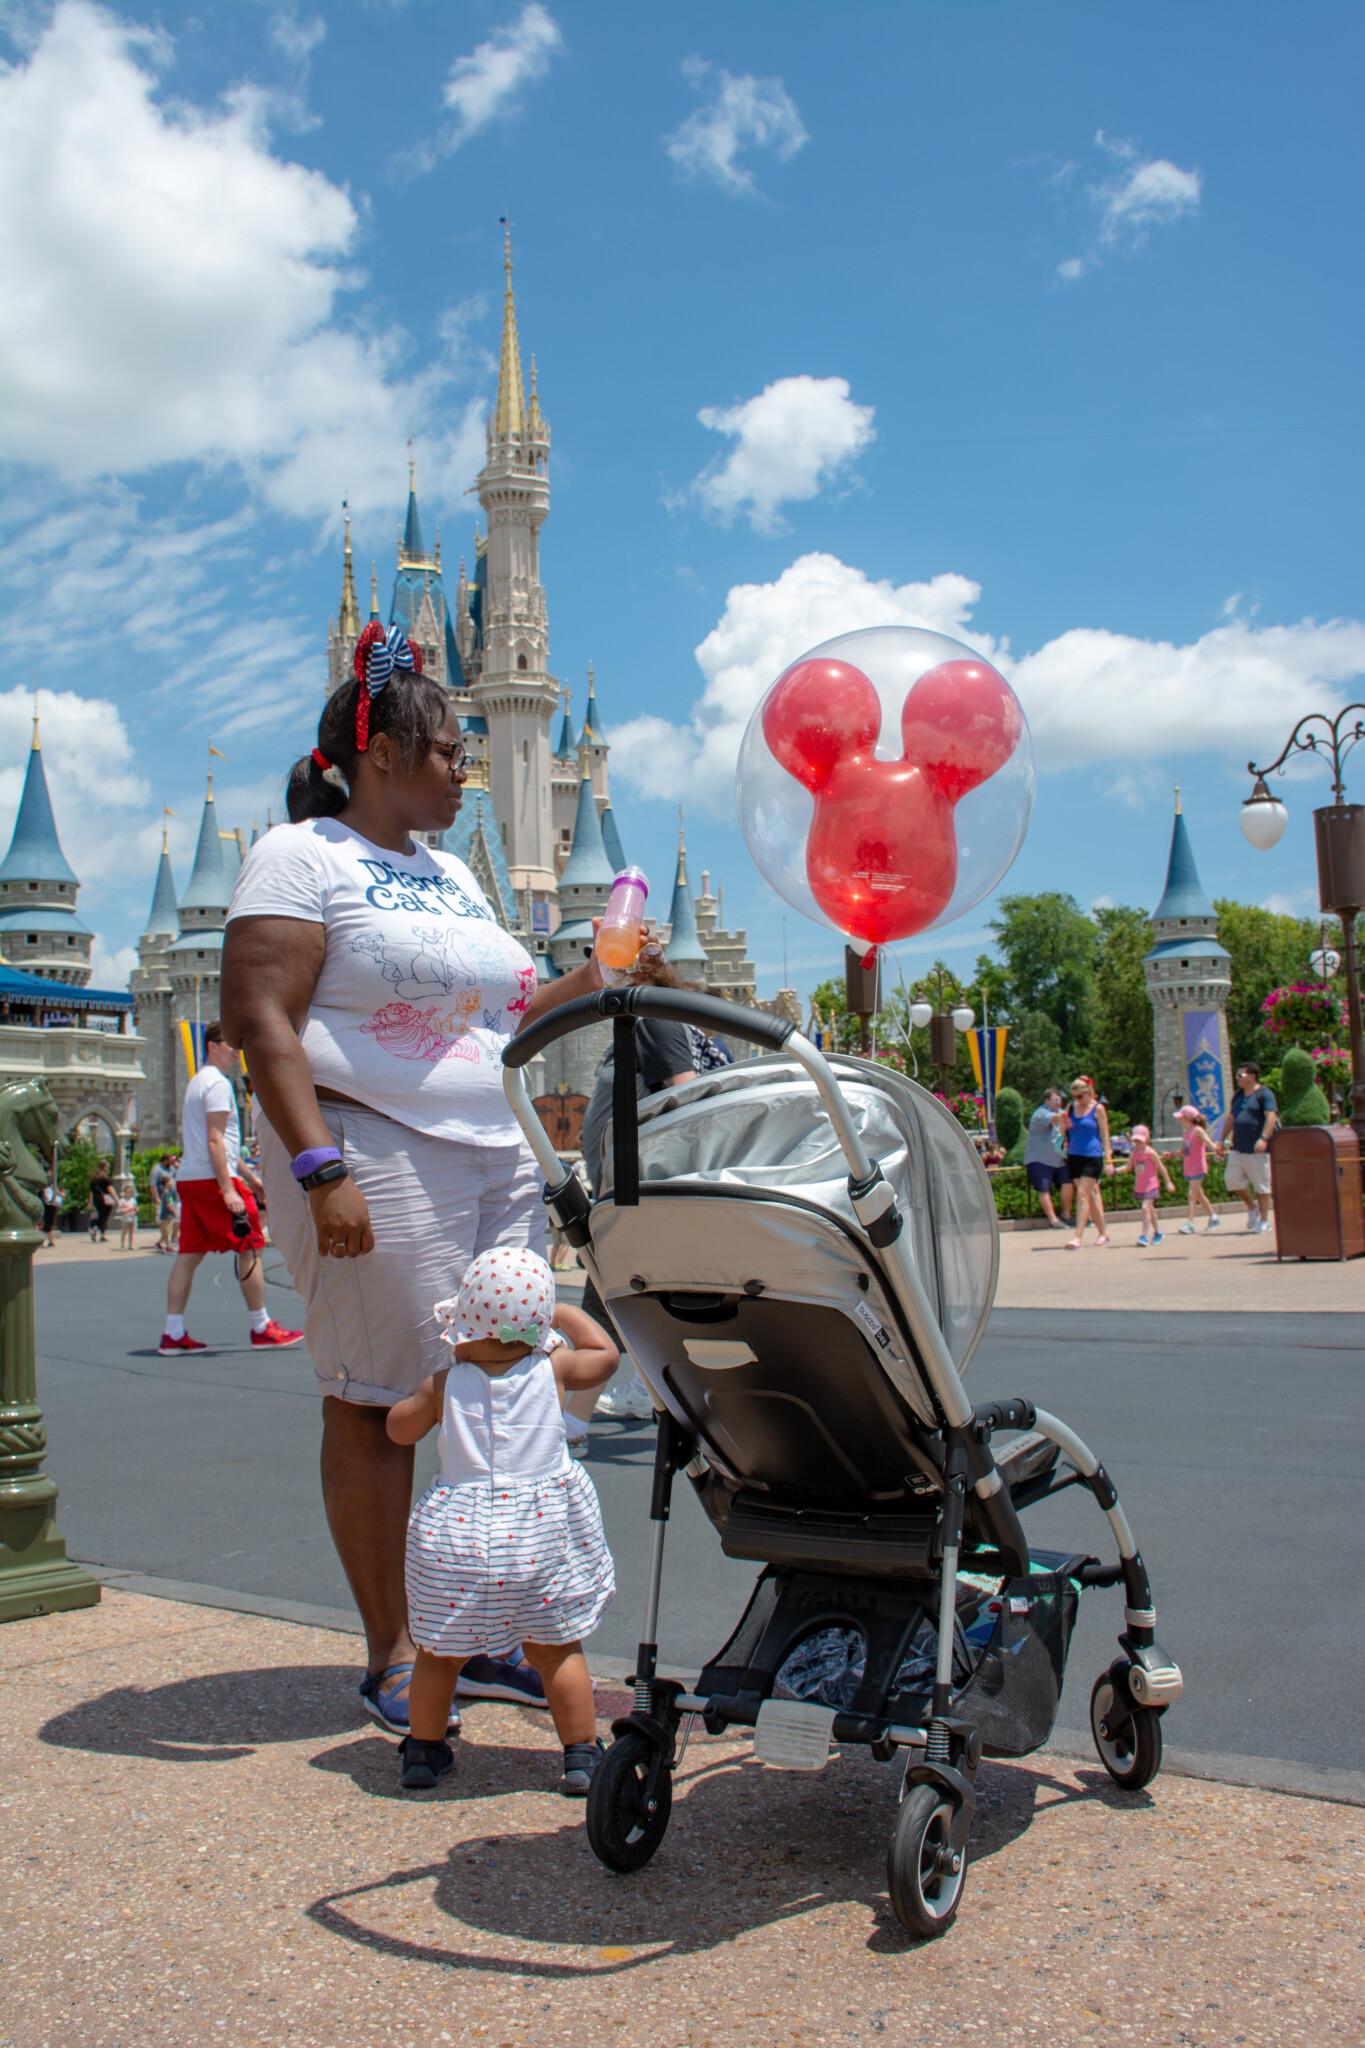 2 semaines en Floride avec un bébé de 1 an - Séjour du 2 au 16 mai 2019 DCL + WDW - Page 15 DSC_7895-1365x2048